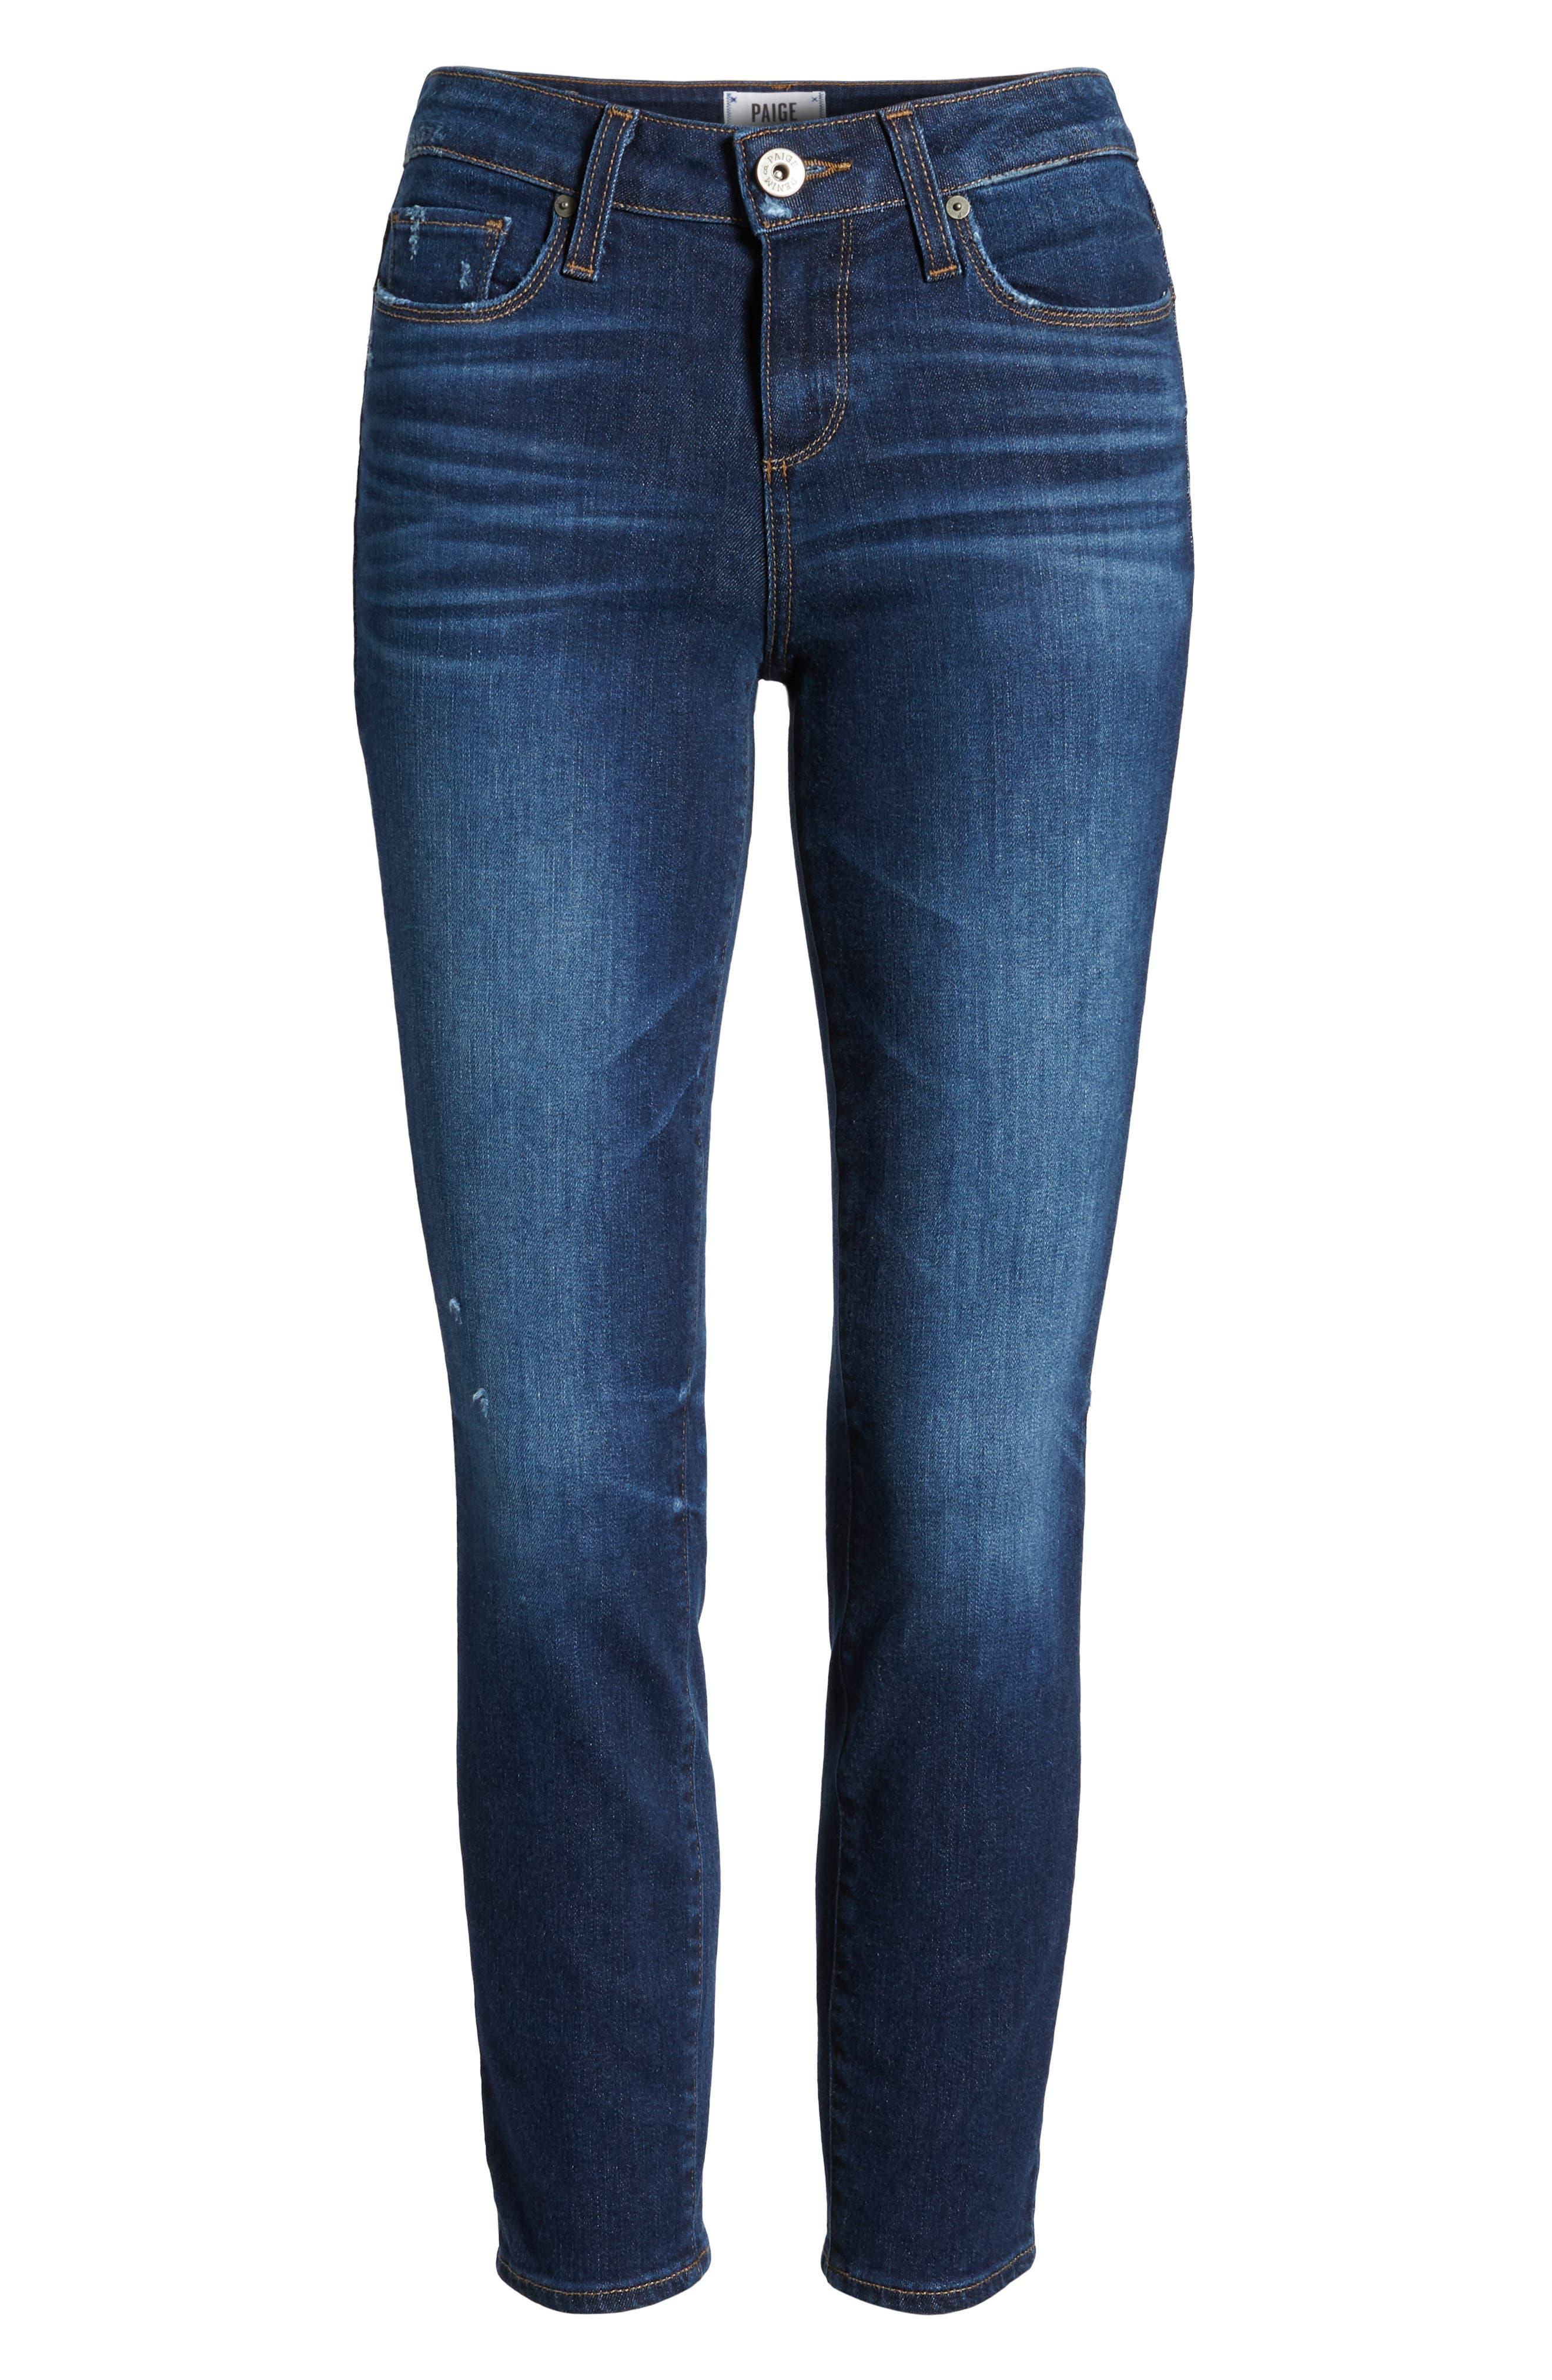 Verdugo Transcend Vintage Crop Skinny Jeans,                             Alternate thumbnail 7, color,                             400